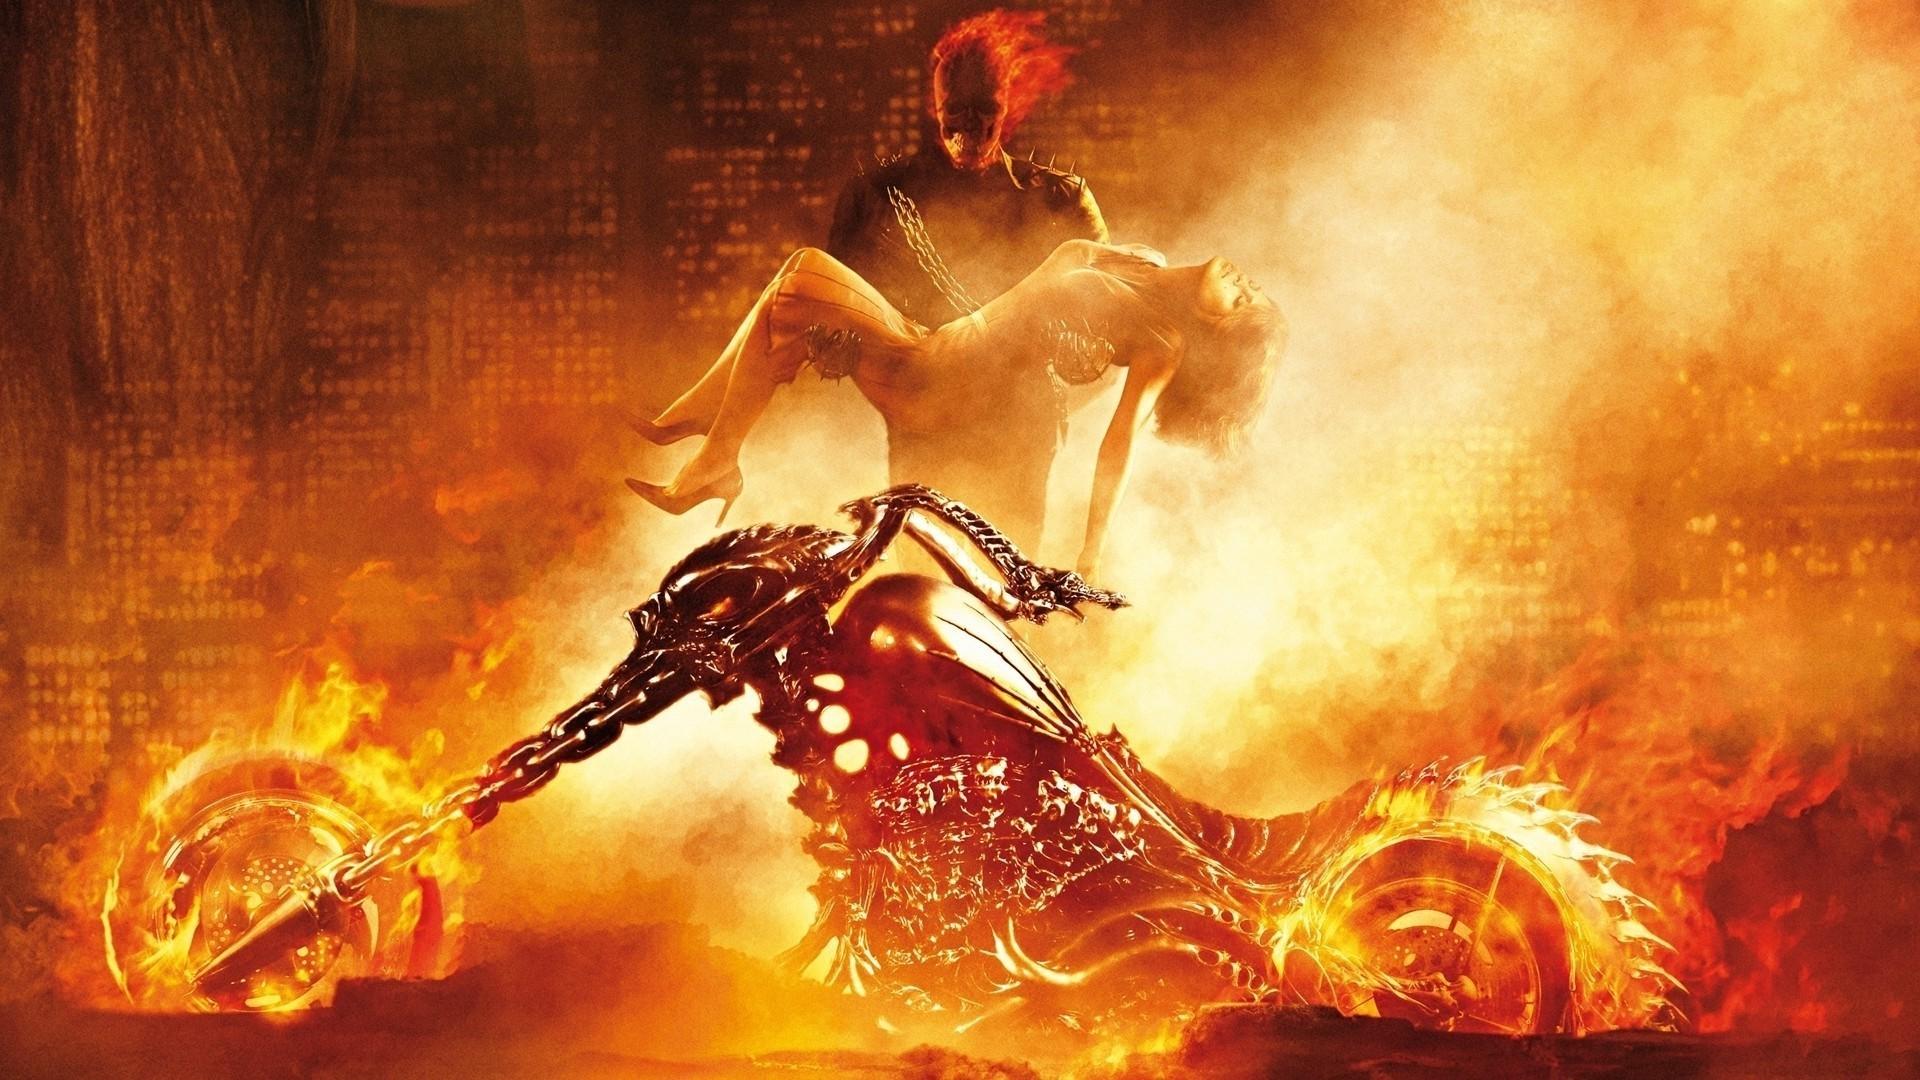 Ghost Rider Wallpapers – WallpaperSafari